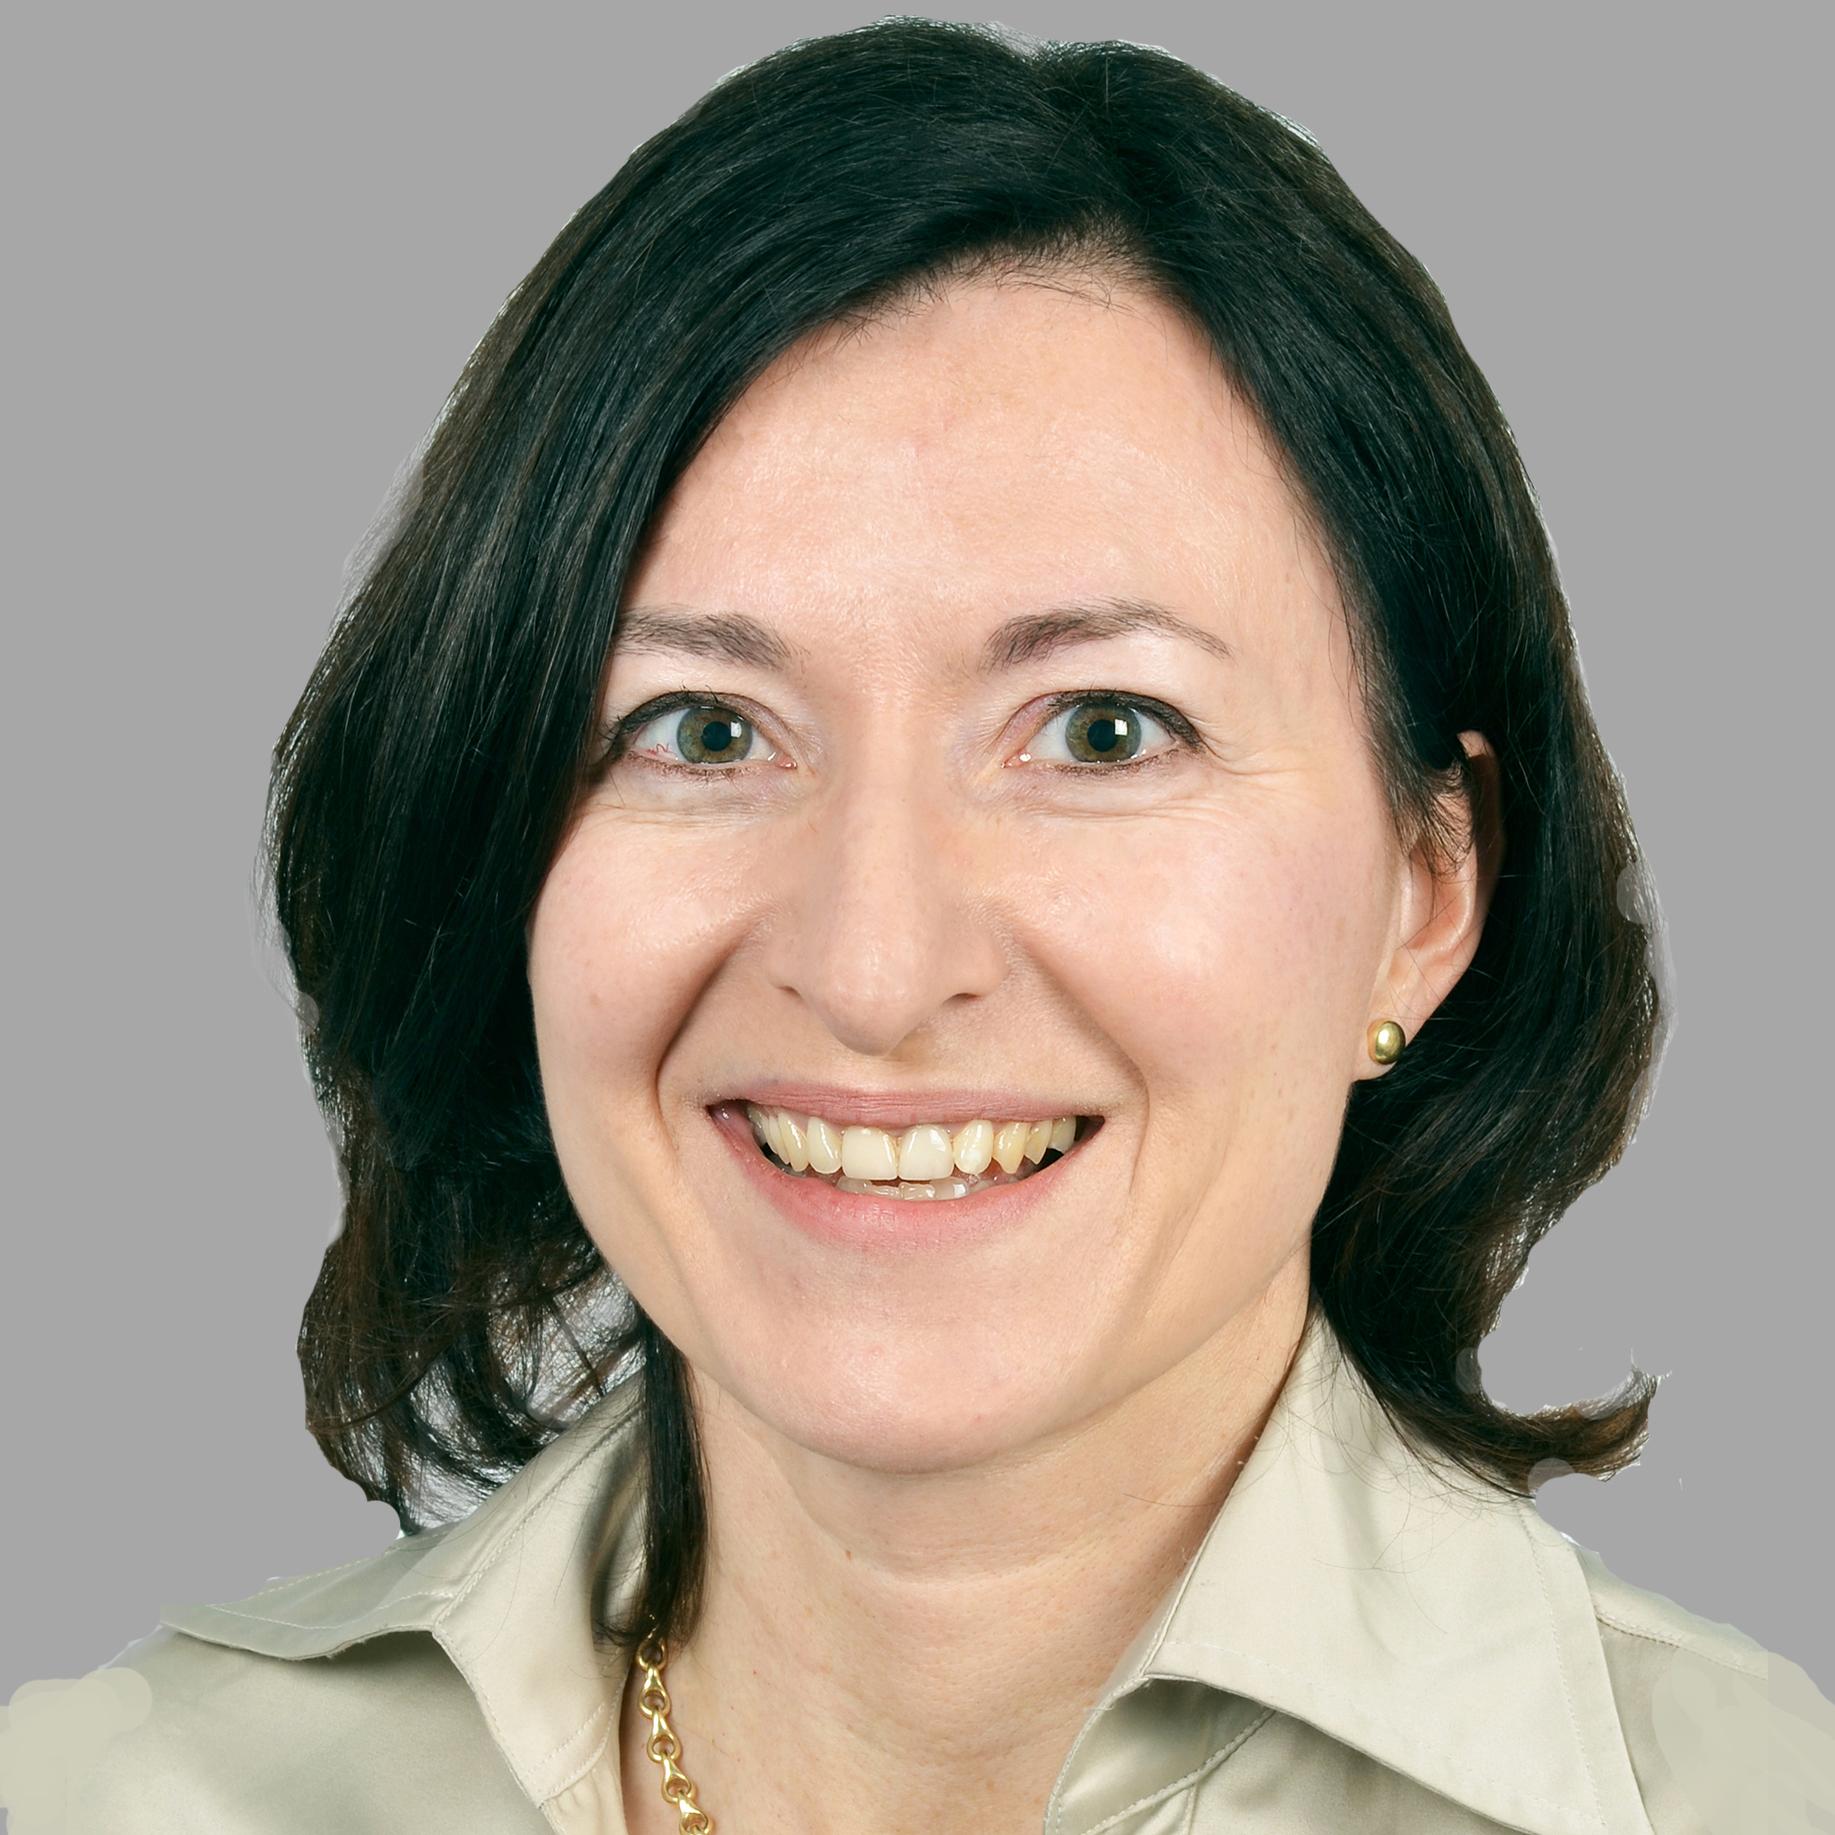 Dr. Berit Skretting Solberg